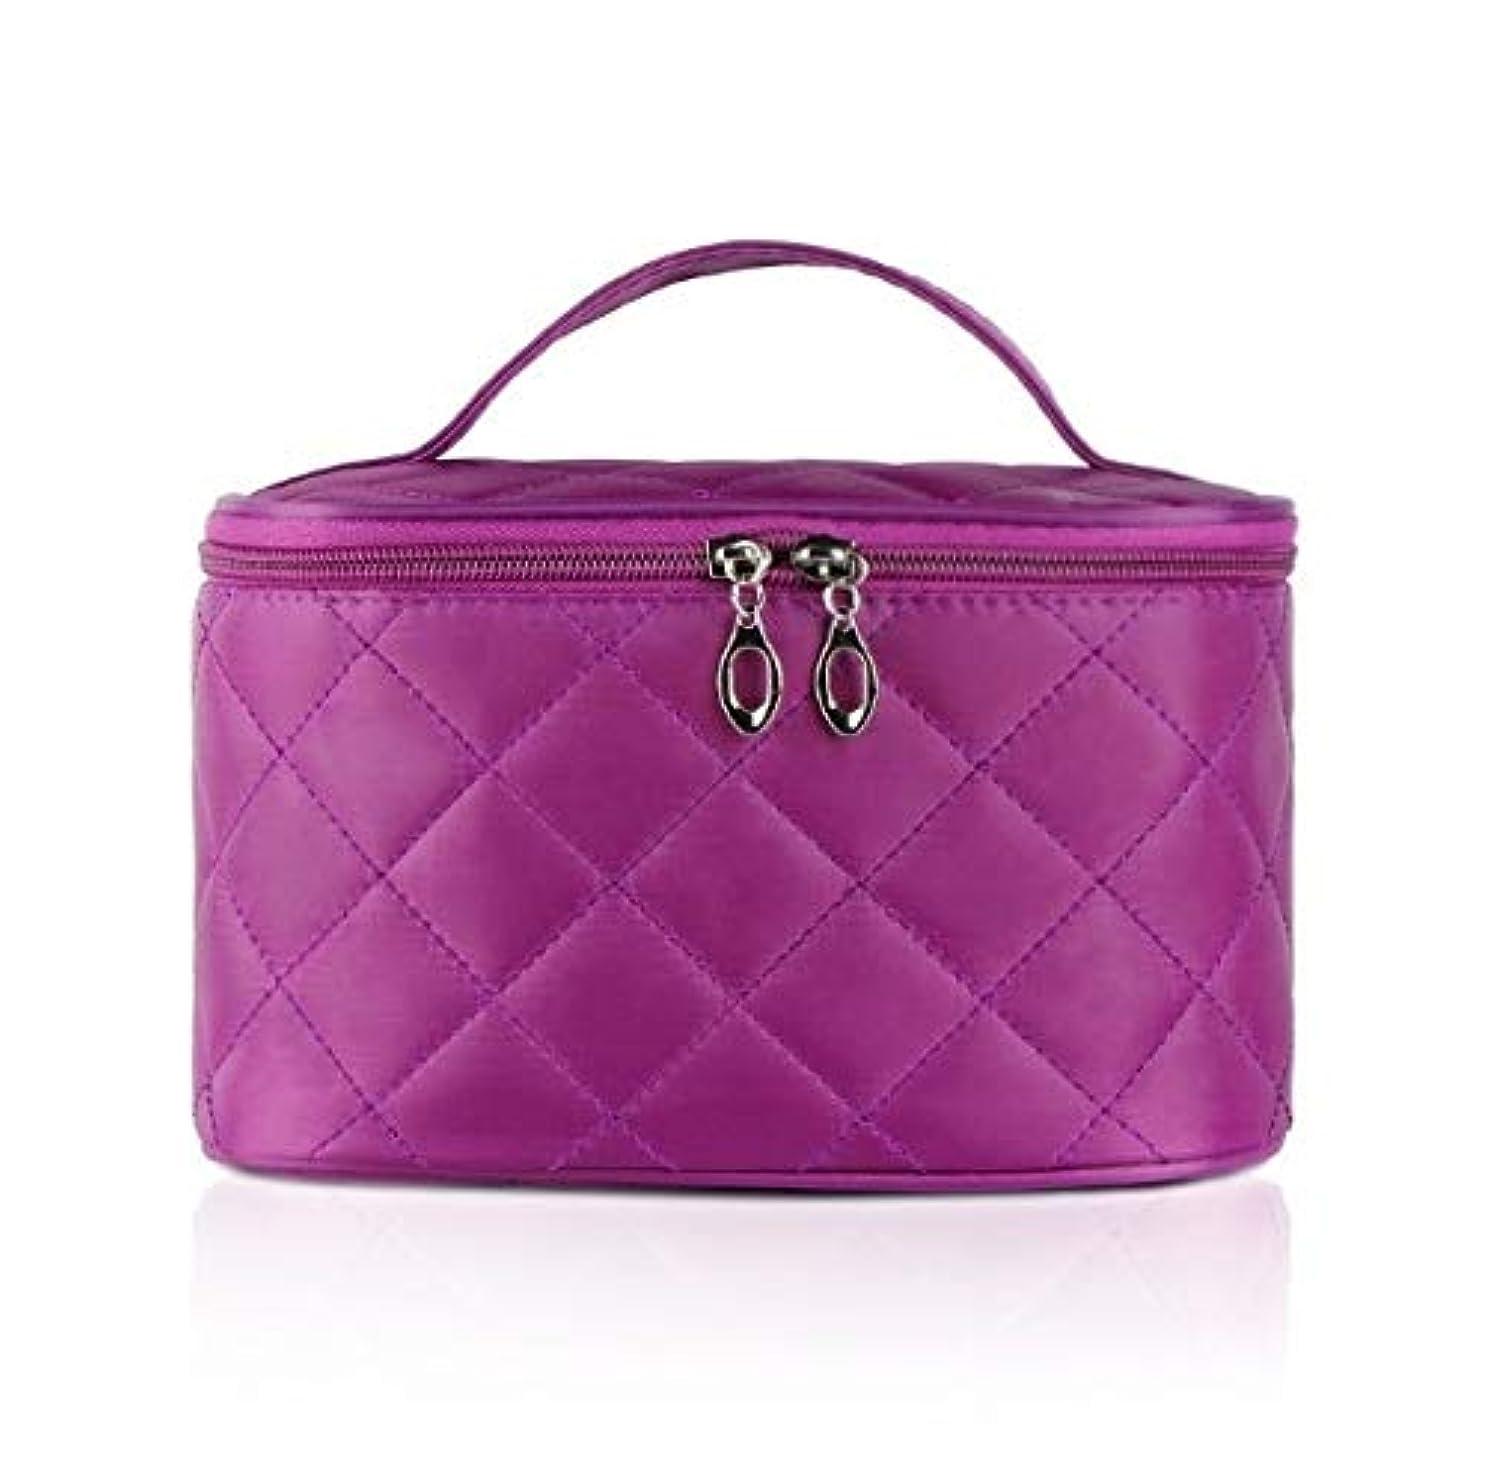 しみダイアクリティカル九時四十五分化粧箱、簡単な菱形の正方形の携帯用化粧品袋、携帯用携帯用旅行化粧品の箱、美の釘の宝石類の収納箱 (Color : Purple)